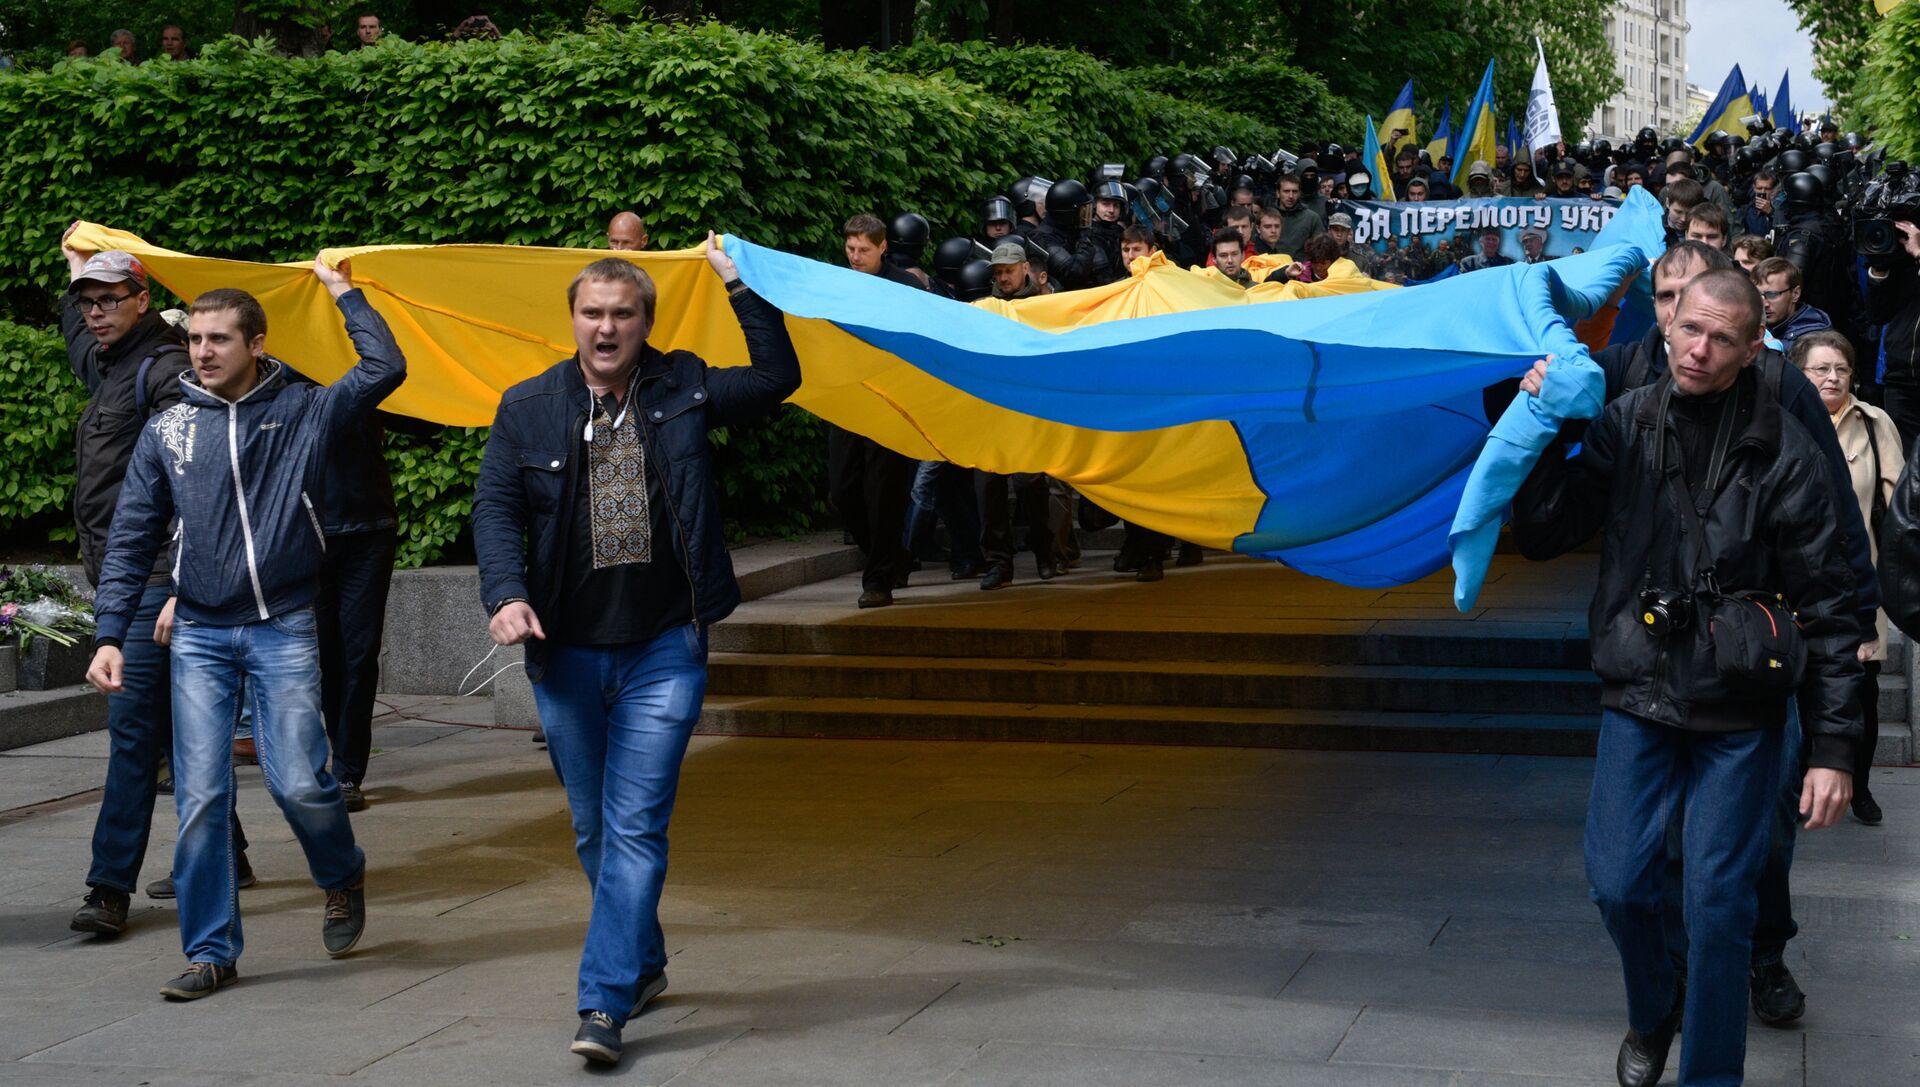 Марш участников Организации украинских националистов С14, протестующих против акции Бессмертный полк в Киеве. 9 мая 2017 года - РИА Новости, 1920, 12.05.2017